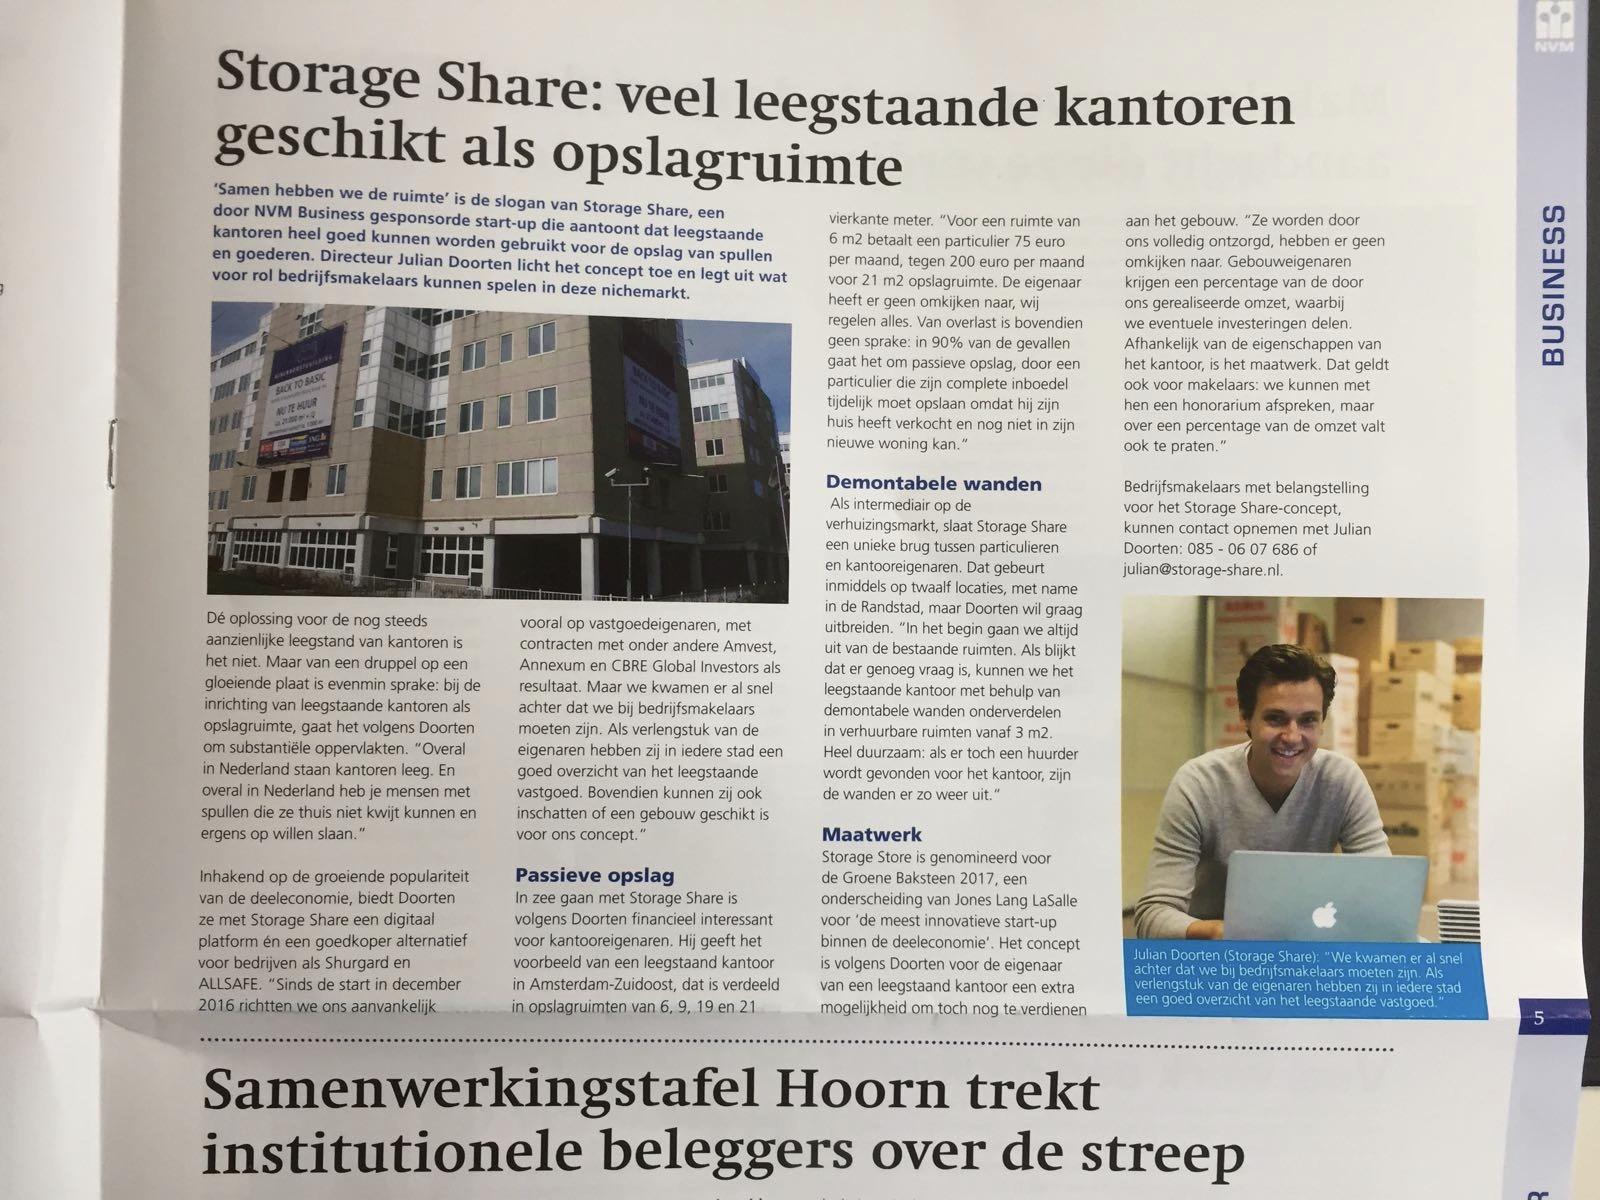 Storage Share: veel leegstaande kantoren geschikt als opslagruimte